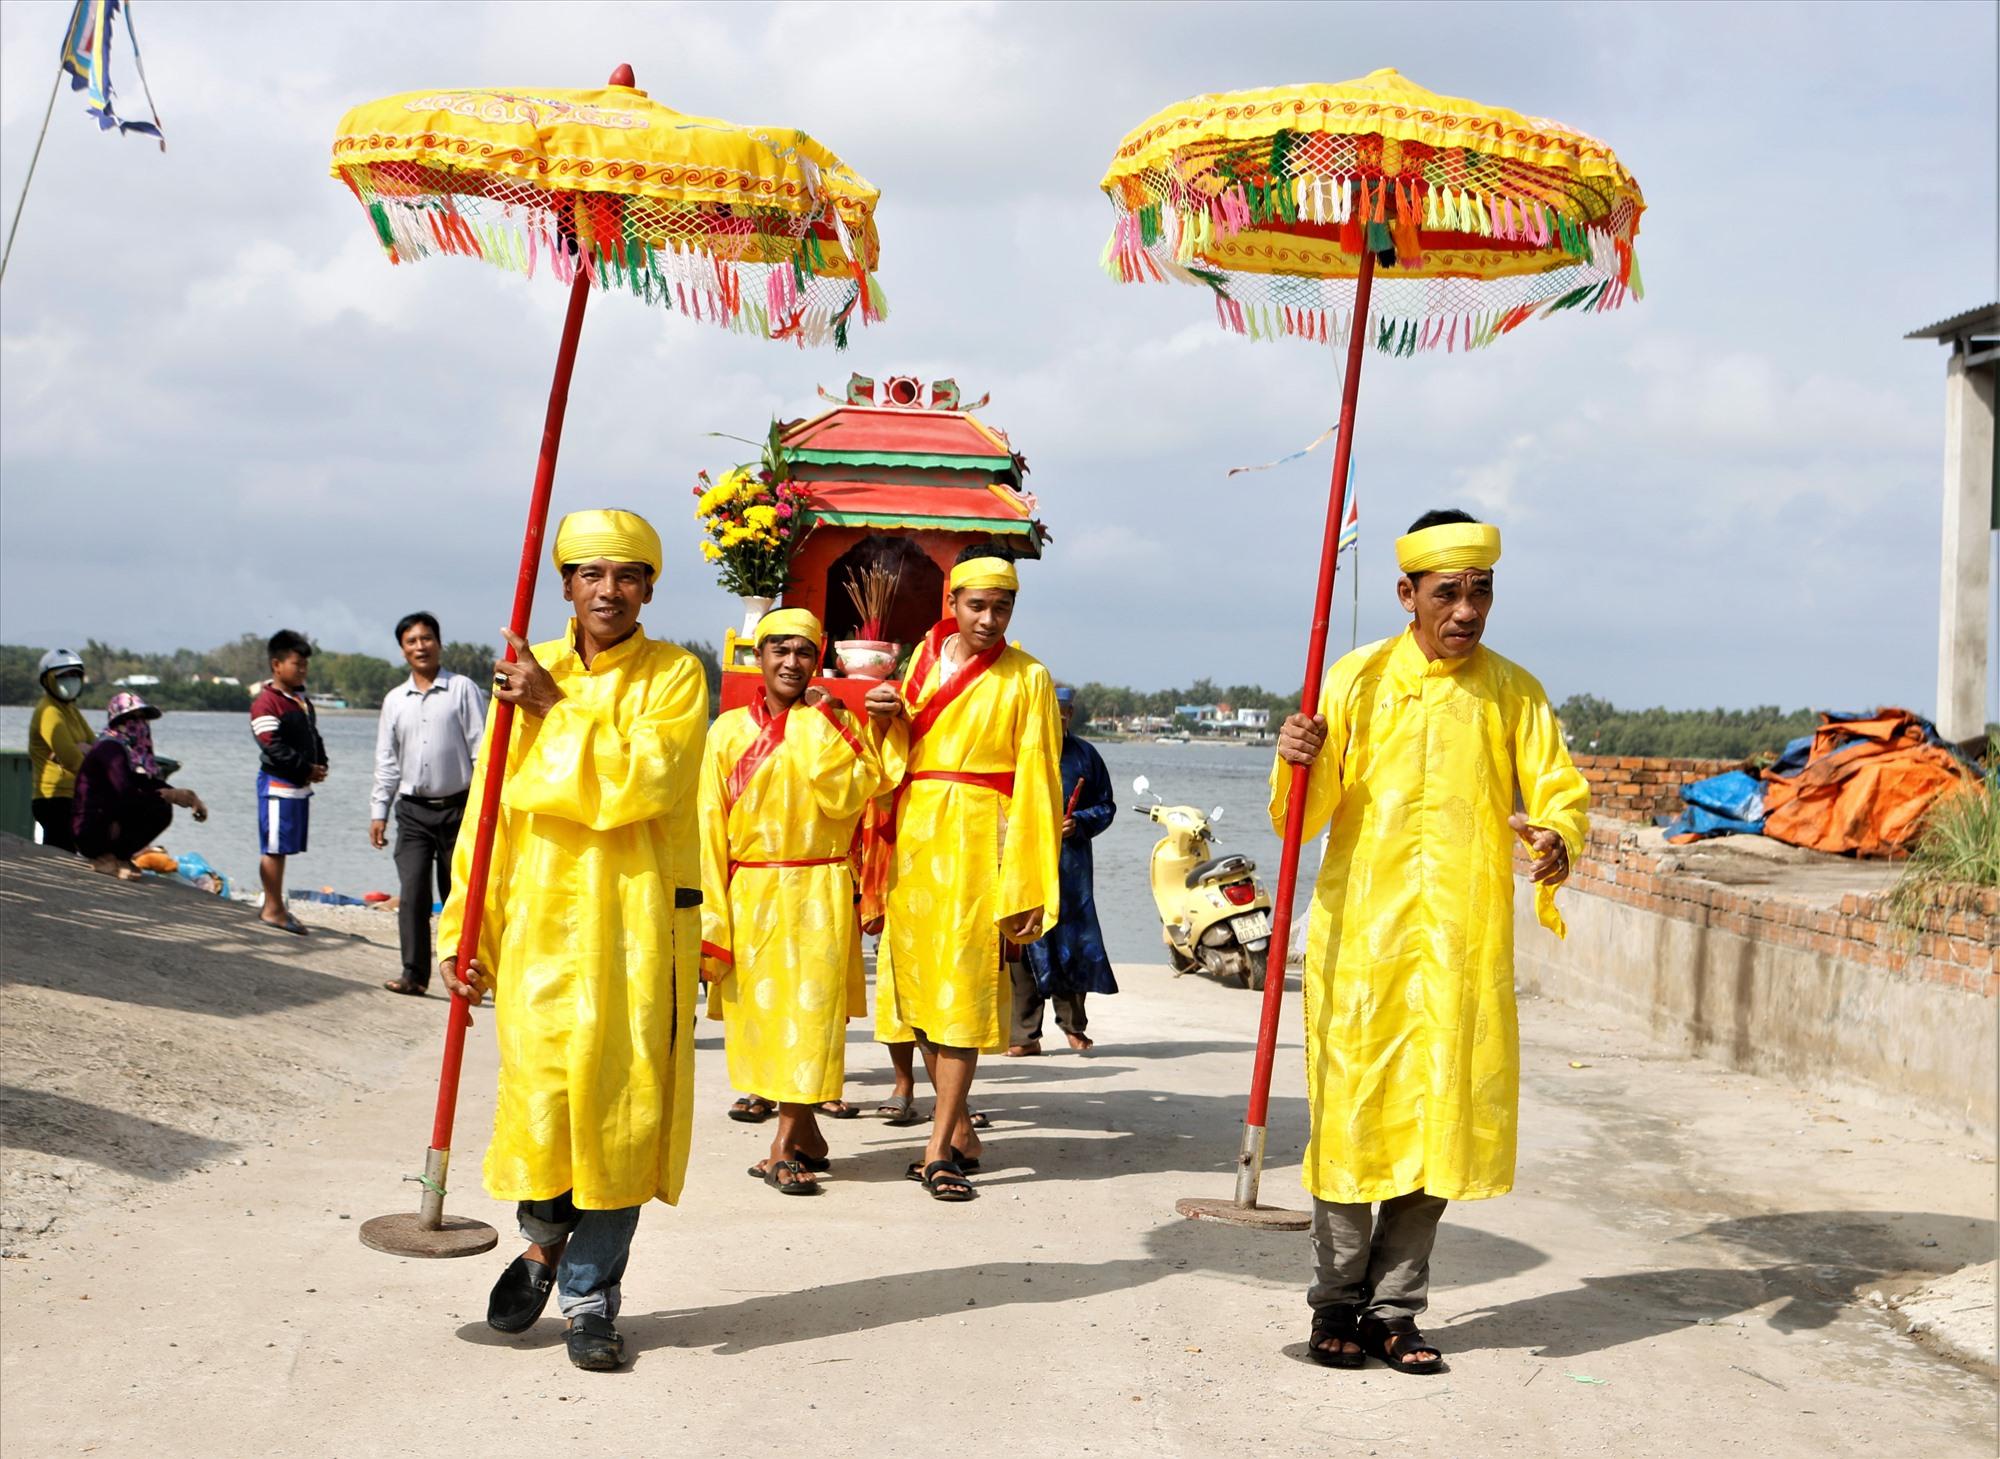 Ngư dân làng Sâm Linh Tây tổ chức rước thần Nam Hải trong lễ cầu ngư đầu năm. Ảnh: HOÀI AN